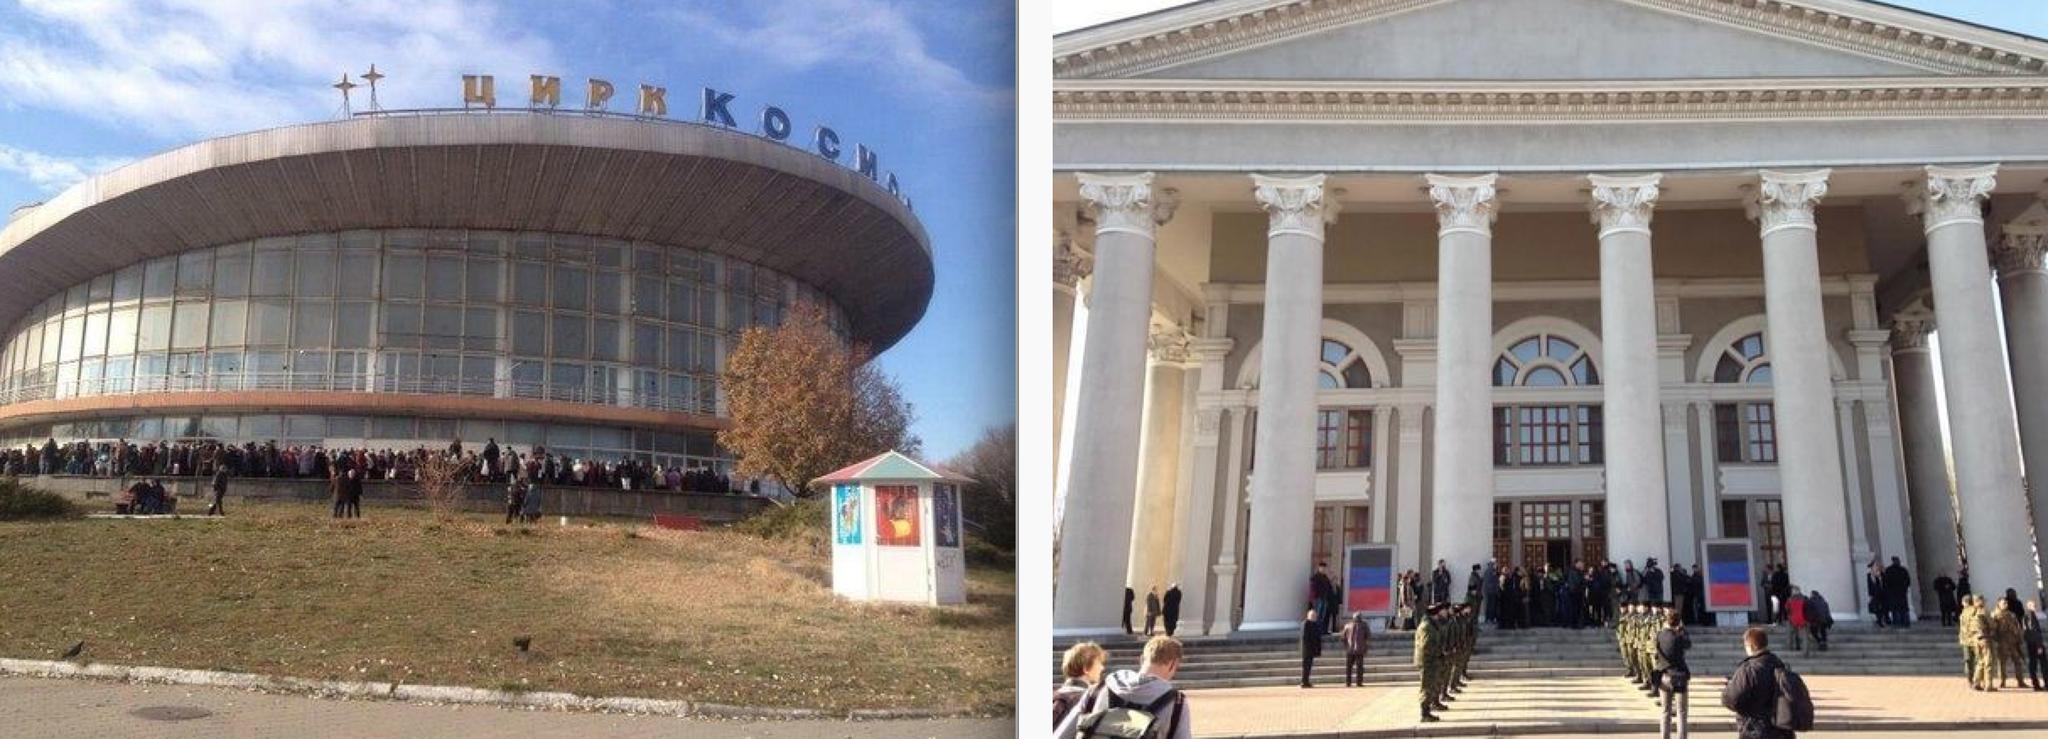 СБУ задержала на Днепропетровщине пособника террористов, организатора антиукраинской пропаганды - Цензор.НЕТ 3937